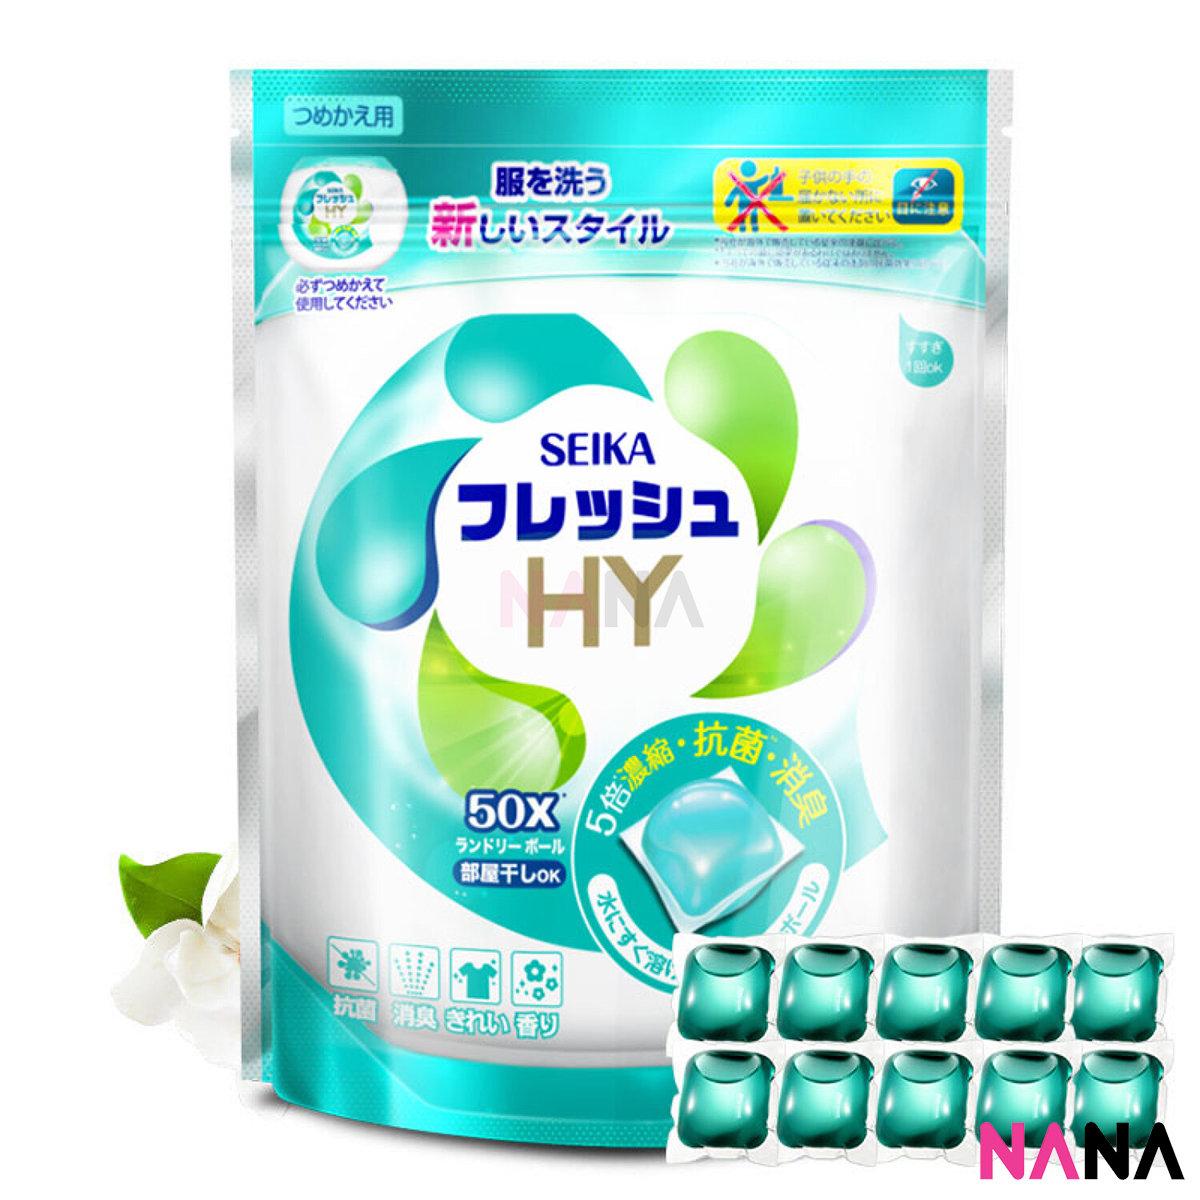 菁華 - Fresh HY 濃縮洗衣珠啫喱球 36粒/袋 (抗菌 防臭 柔順)